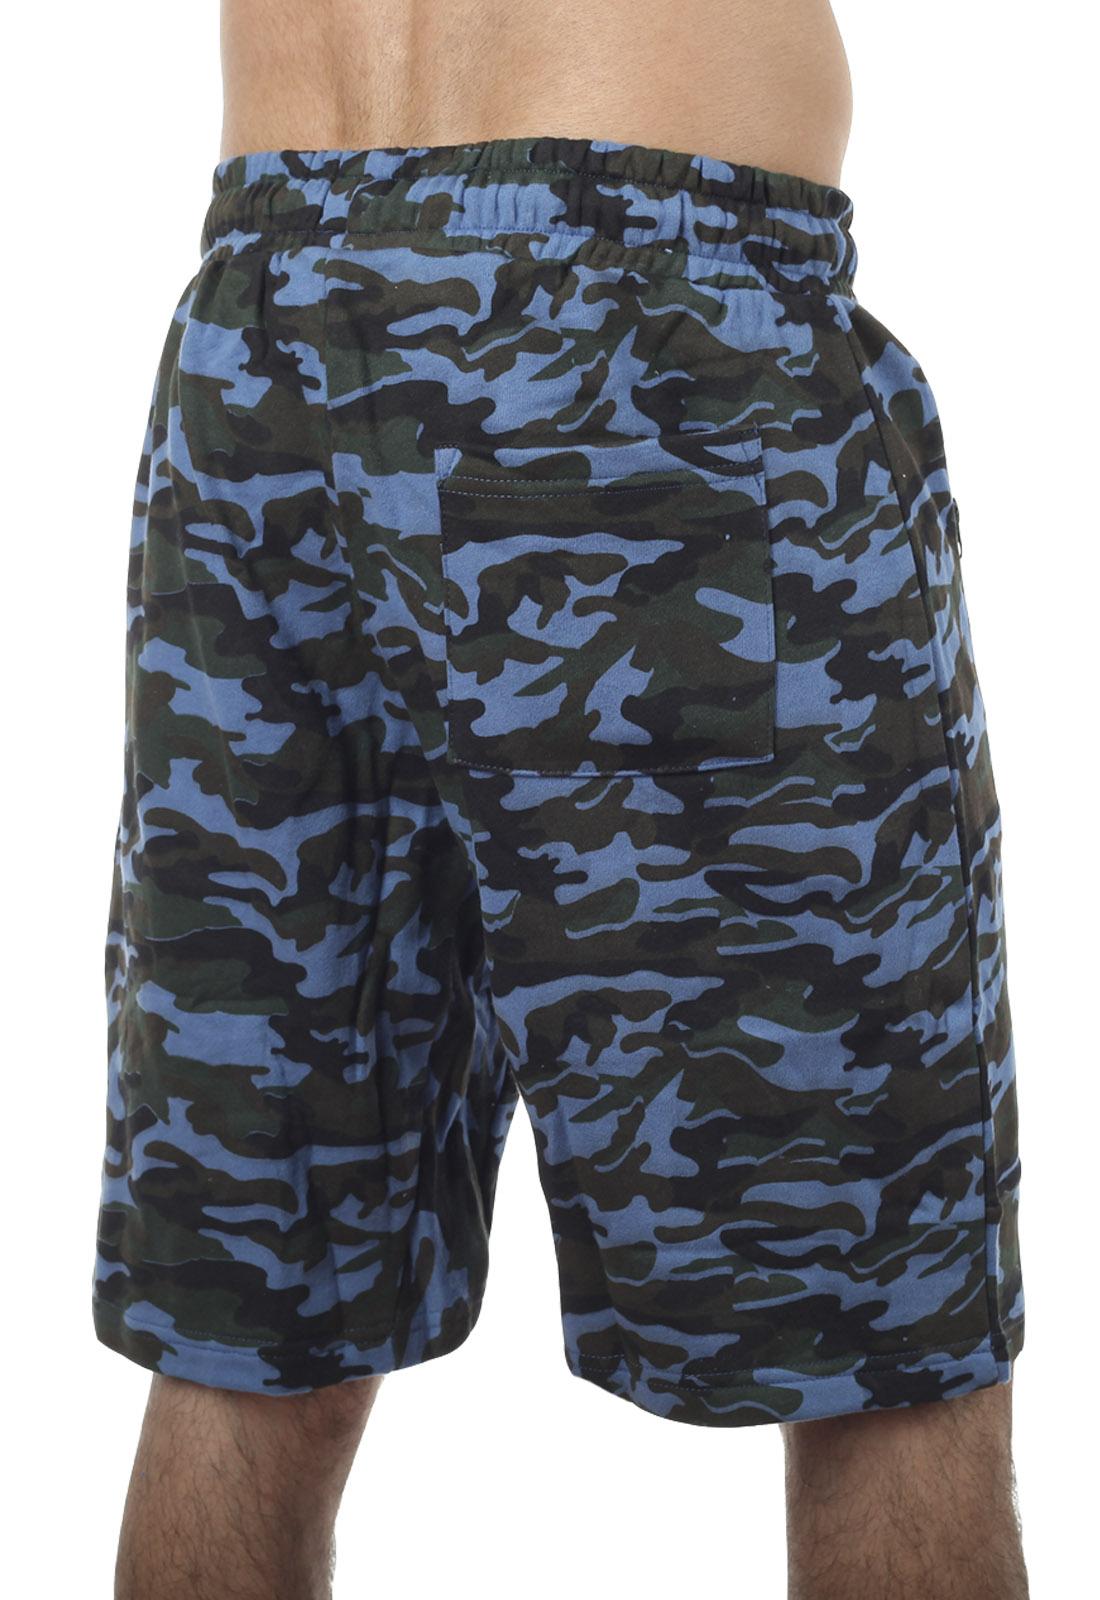 Купить в военторге спецназовские шорты